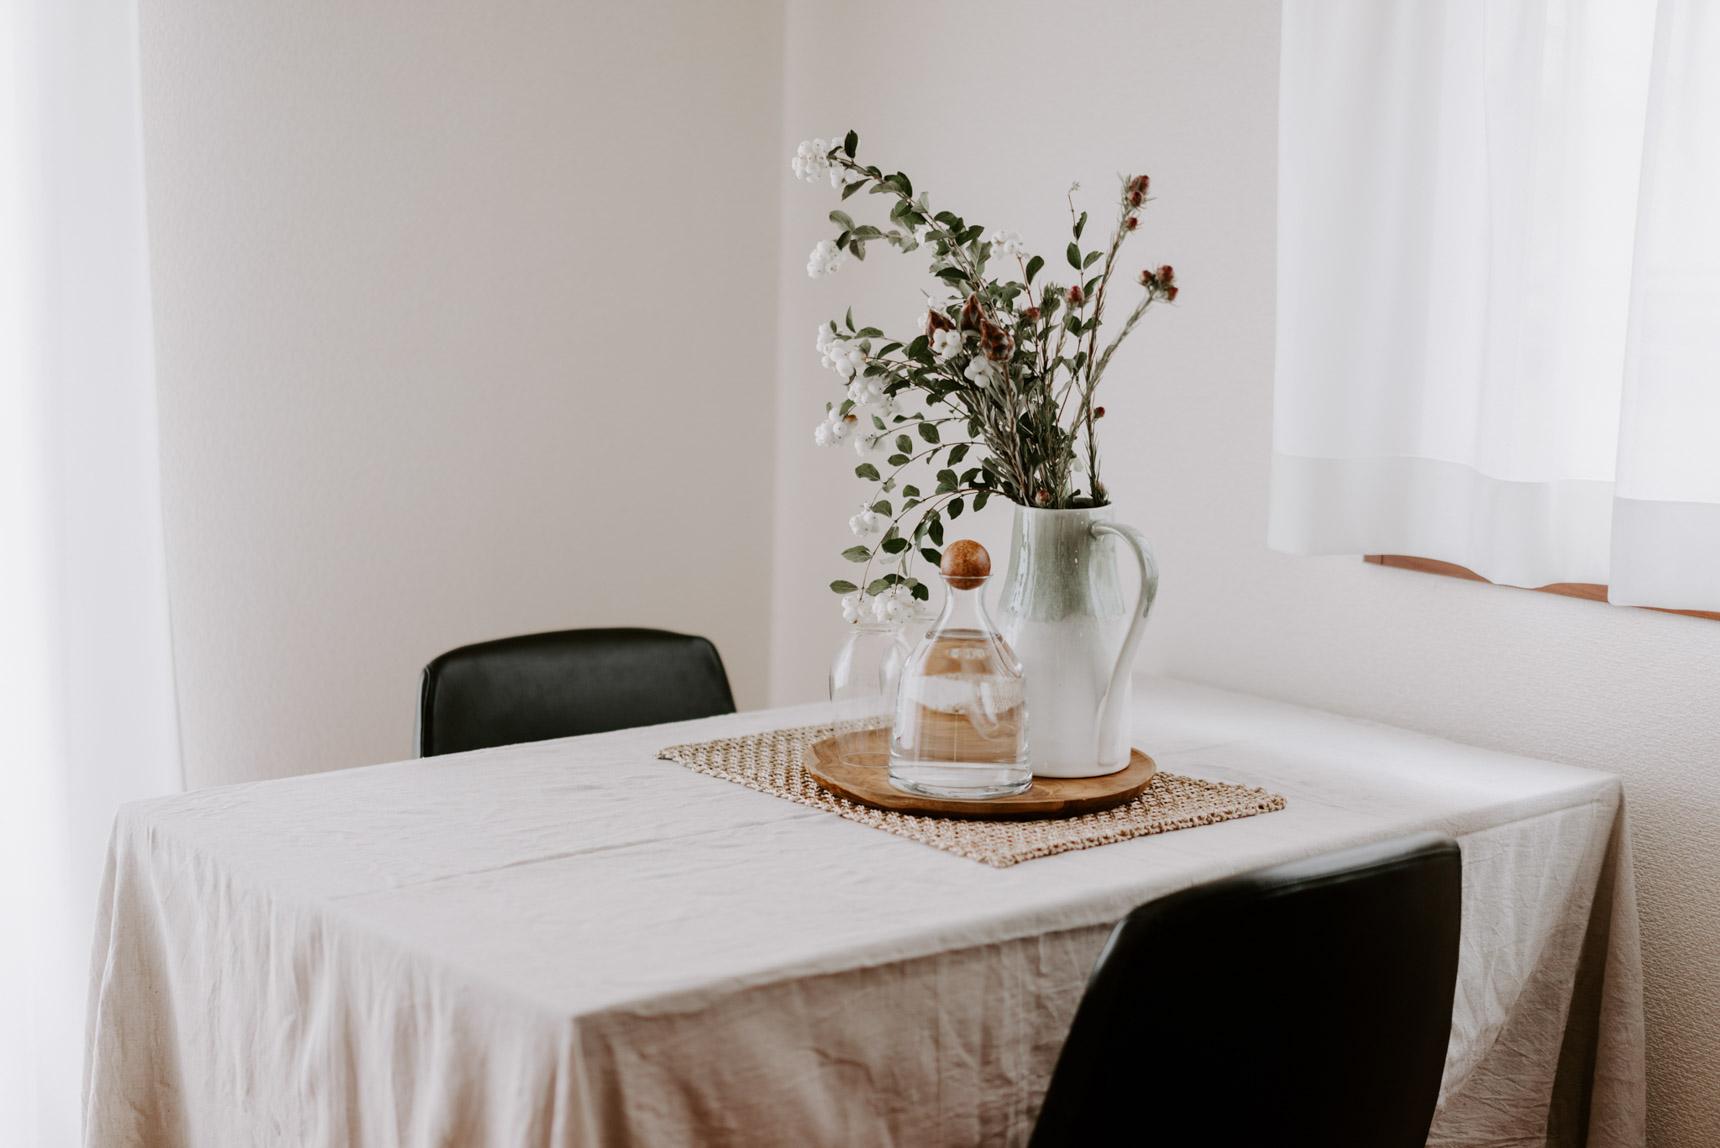 テーブルクロスをかけ、花を飾った素敵なダイニング。花瓶はWest Elm、カラフェはH&M HOMEのもの。